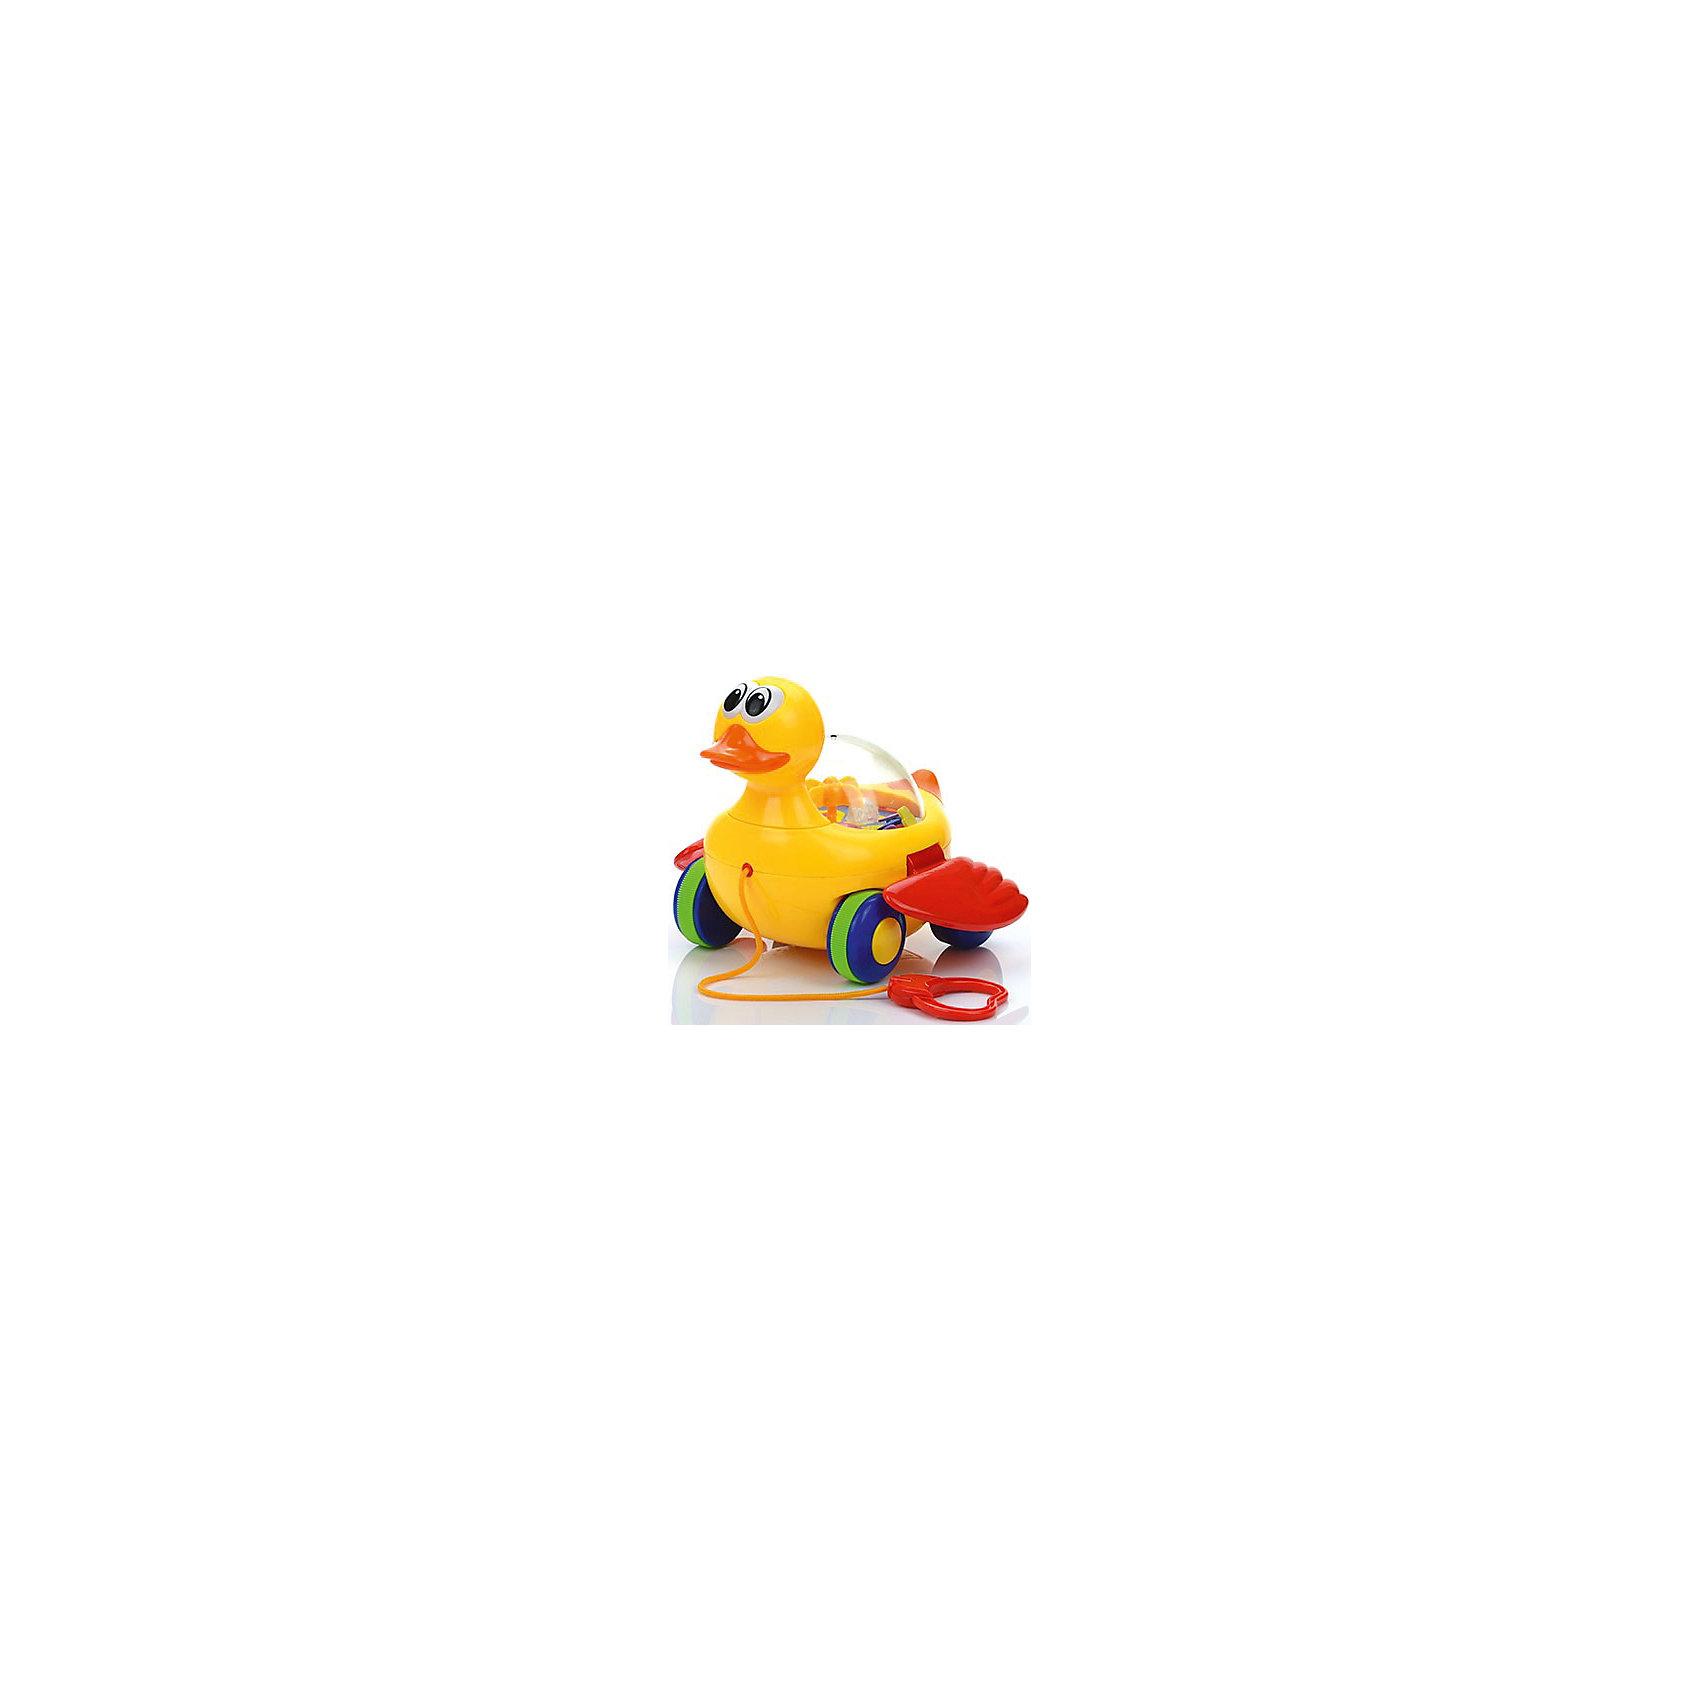 Игрушка на верёвочке Уточка, МалышарикиХарактеристика:<br><br>- Возраст: от 12 месяцев.<br>- Материал: пластик.<br>- Размер упаковки: 22x20x17 см.<br>- Вес в упаковке: 365 г.<br><br>Такую забавную игрушку очень удобно брать с собой на прогулку, ребенок сможет катить её за собой благодаря удобной верёвочке. <br><br>Игрушка на верёвочке Уточка, Малышарики, можно купить в нашем магазине.<br><br>Ширина мм: 220<br>Глубина мм: 200<br>Высота мм: 175<br>Вес г: 600<br>Возраст от месяцев: 12<br>Возраст до месяцев: 36<br>Пол: Унисекс<br>Возраст: Детский<br>SKU: 4779840